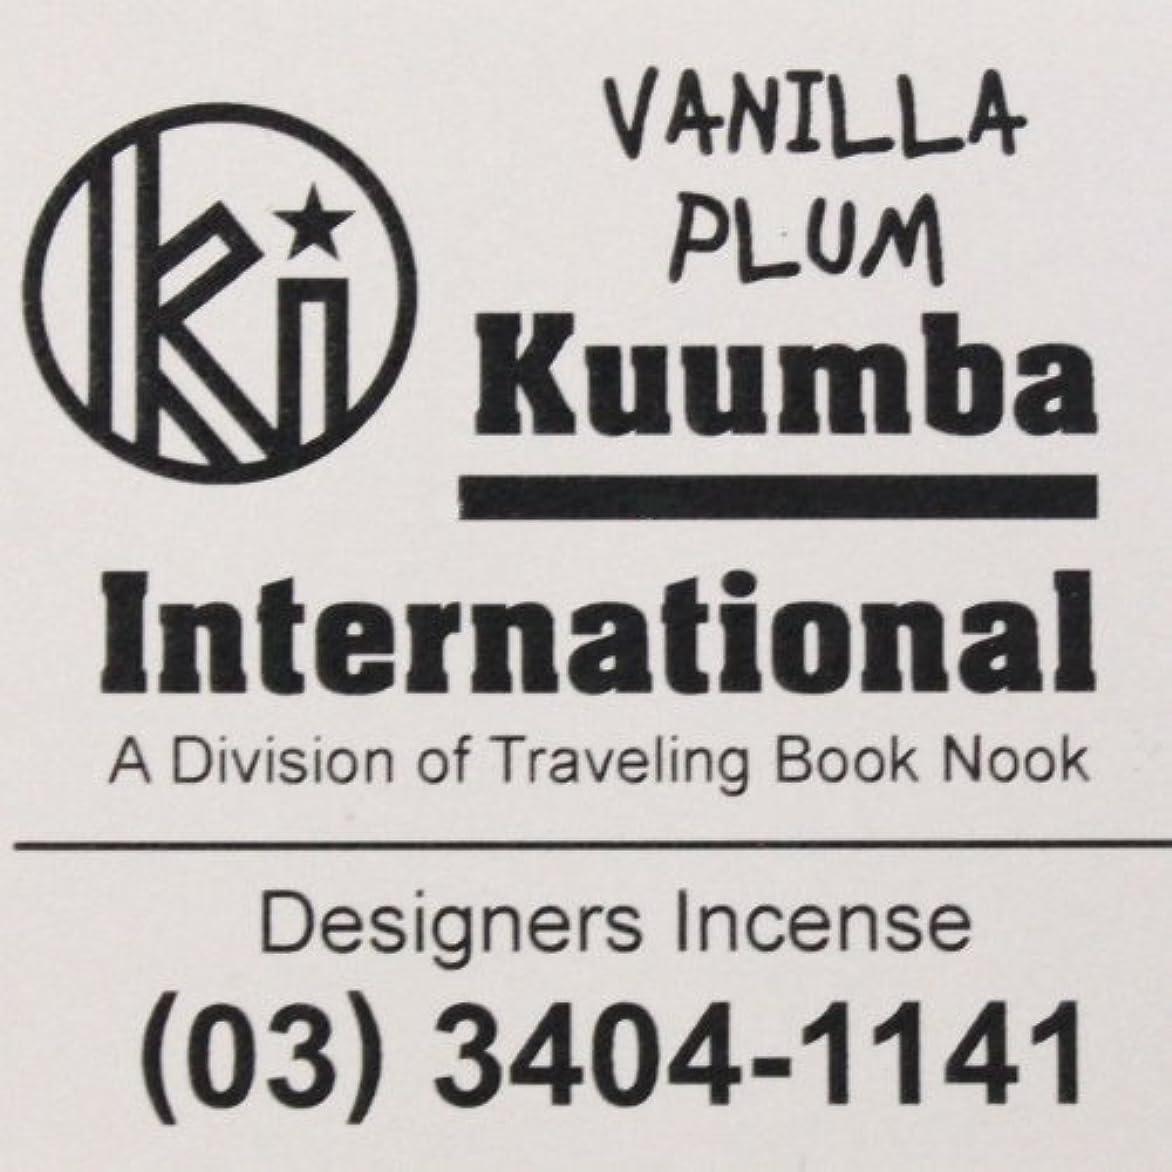 グリーンランド評価する包括的KUUMBA (クンバ)『incense』(VANILLA PLUM) (Regular size)